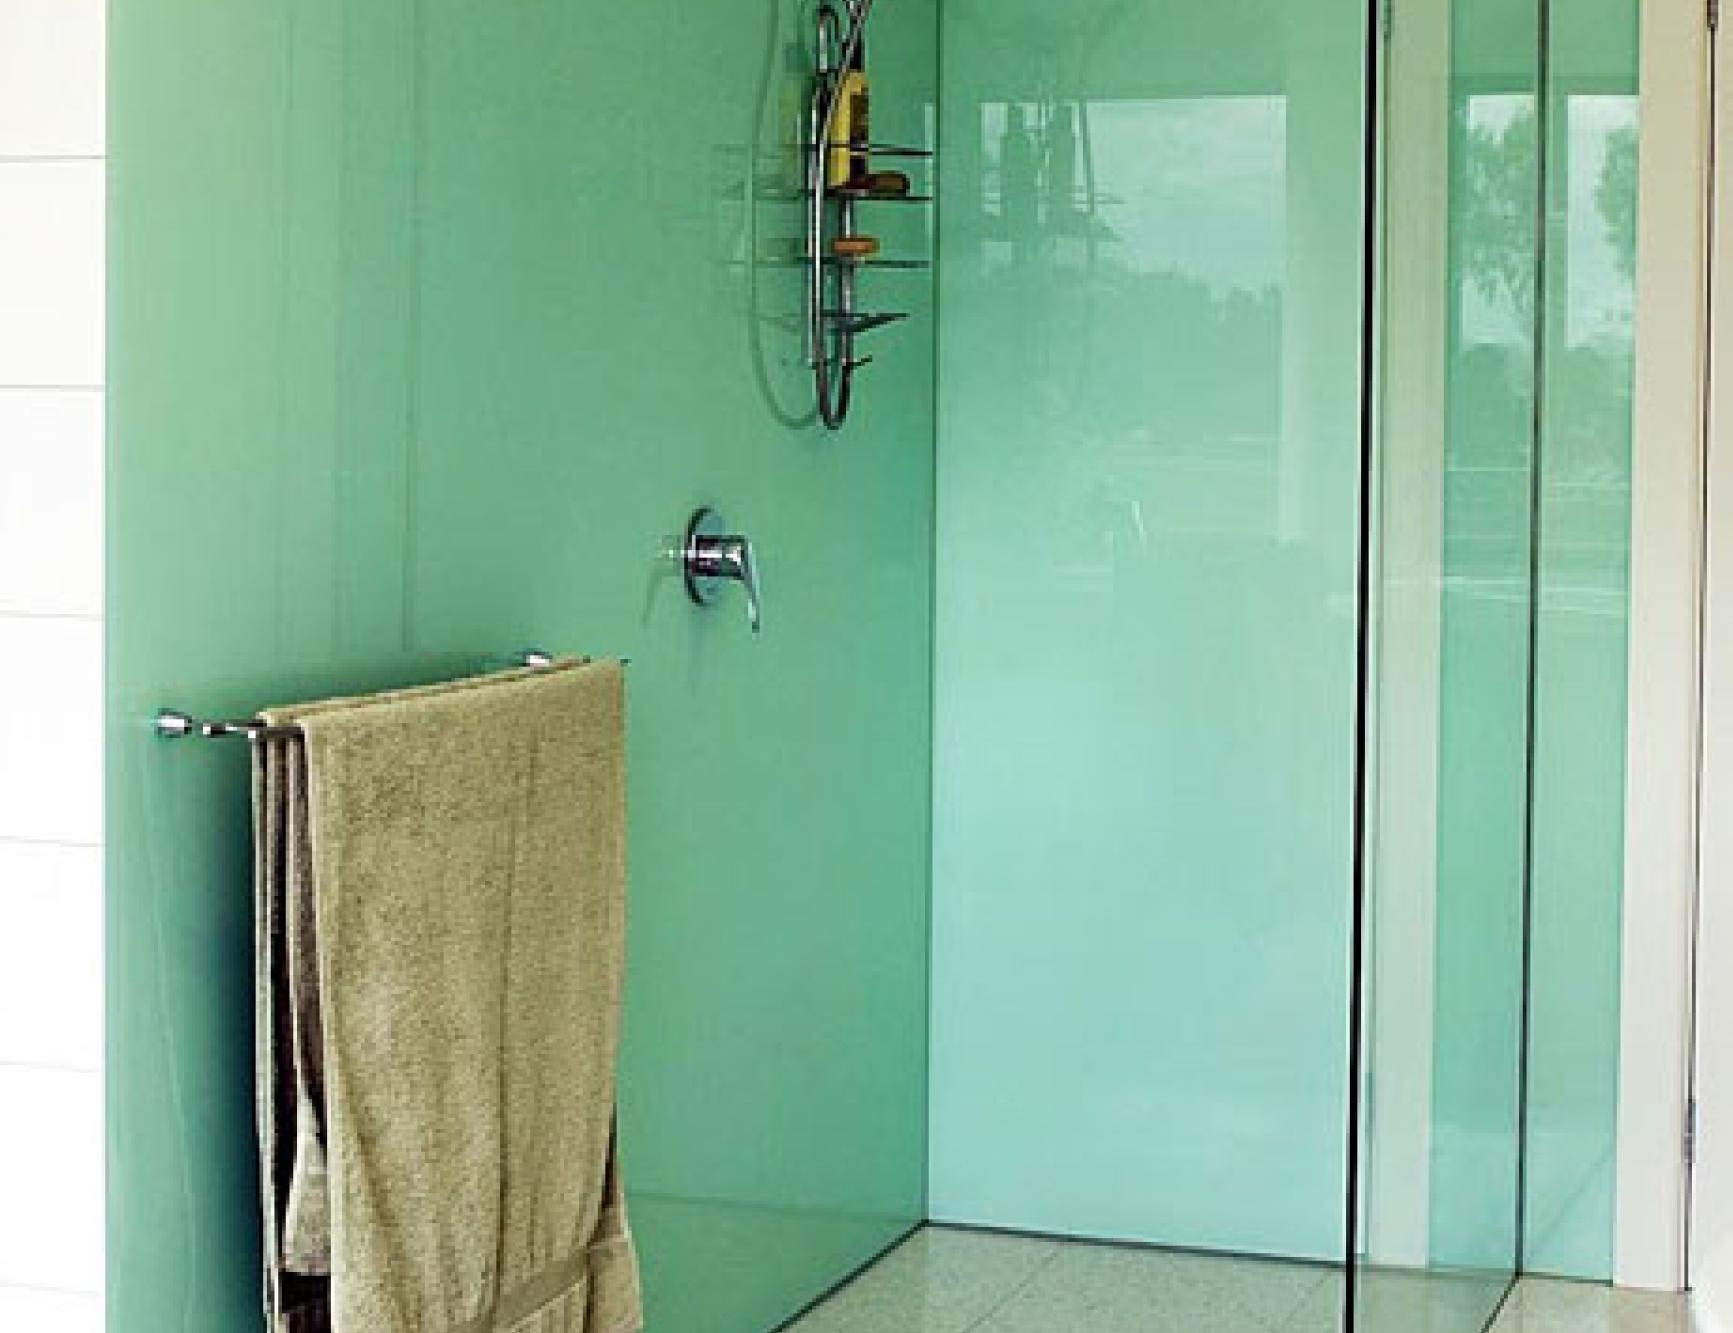 melbourne-glass-group-spashbacks-6.jpg